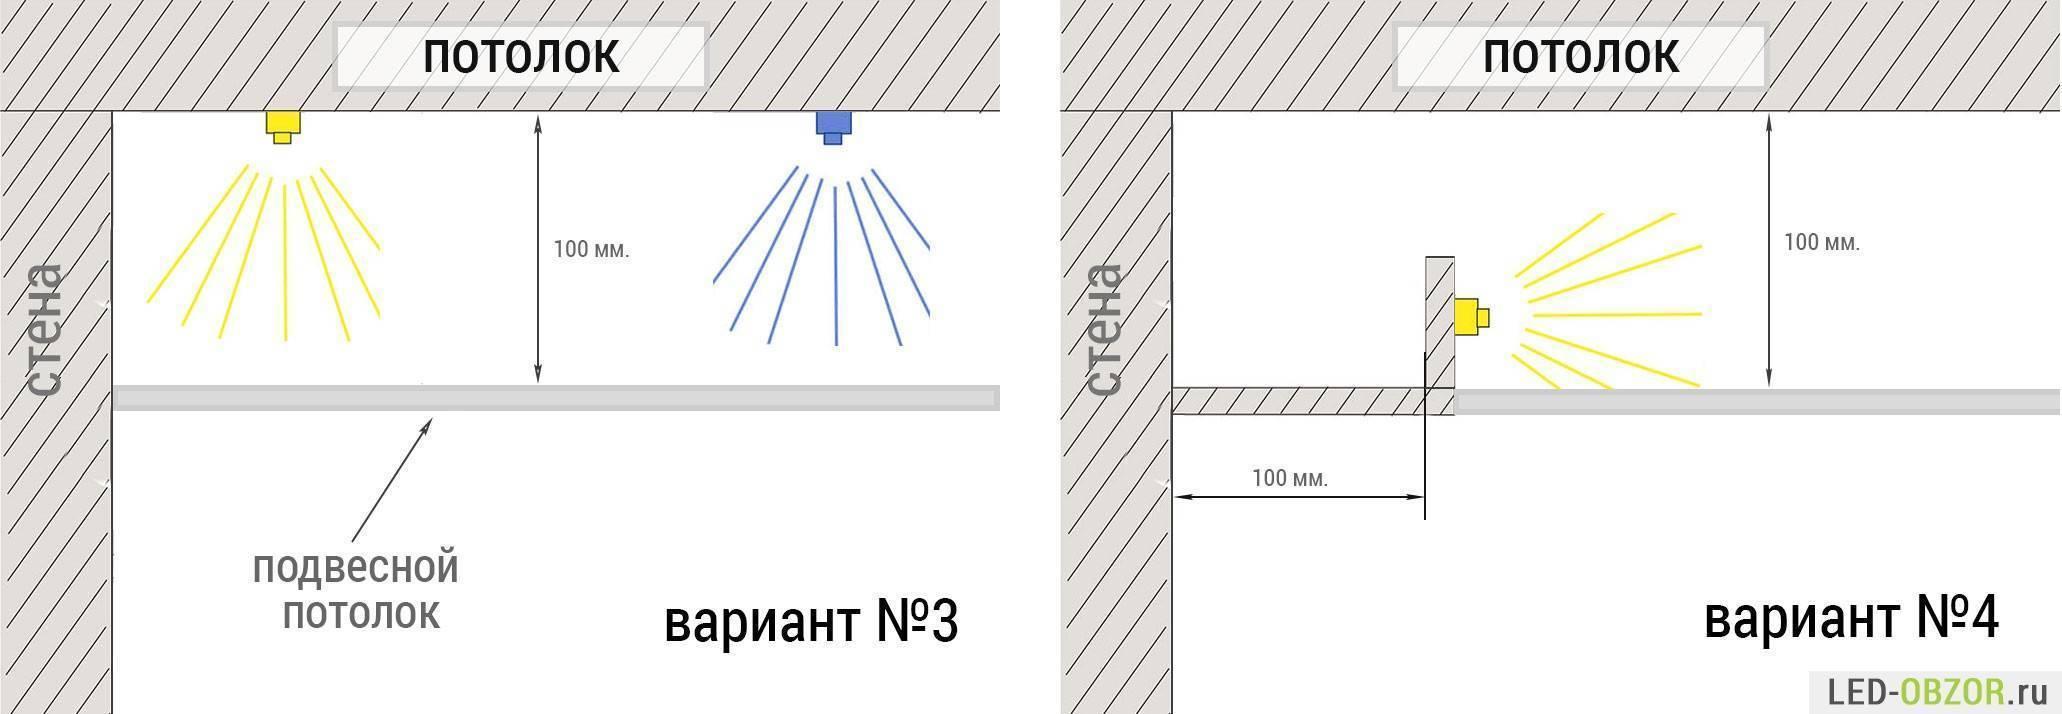 Натяжной потолок с подсветкой по периметру - как его сделать?